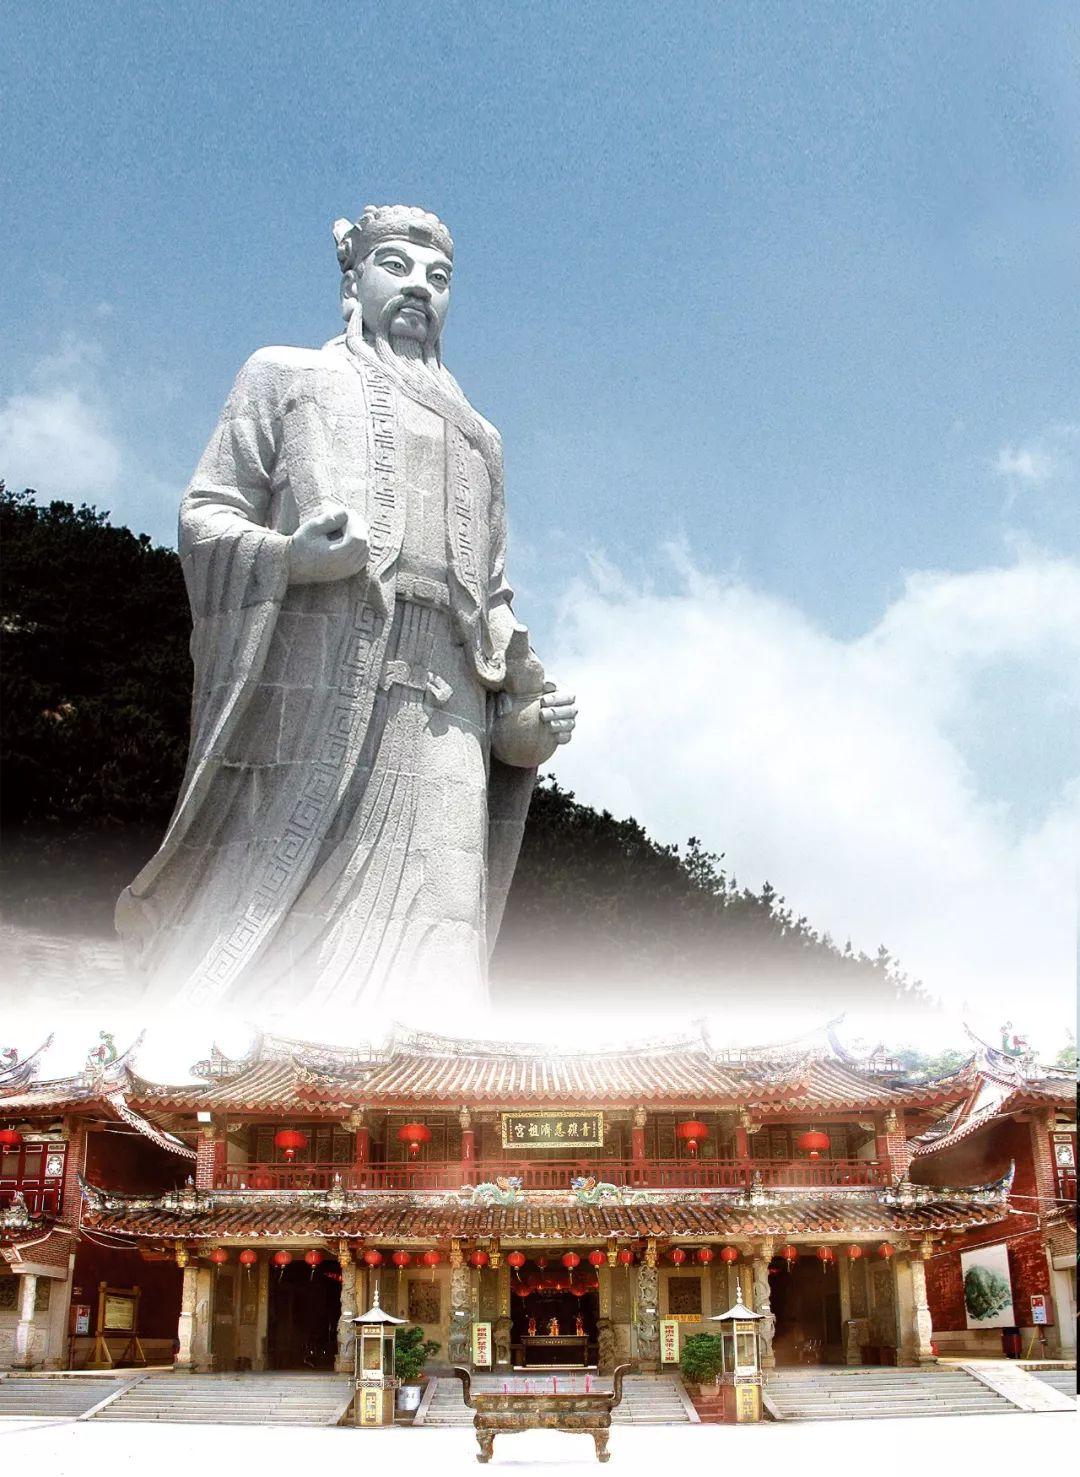 四海同歌《保生颂》 词:颜水荣 曲:林伟民